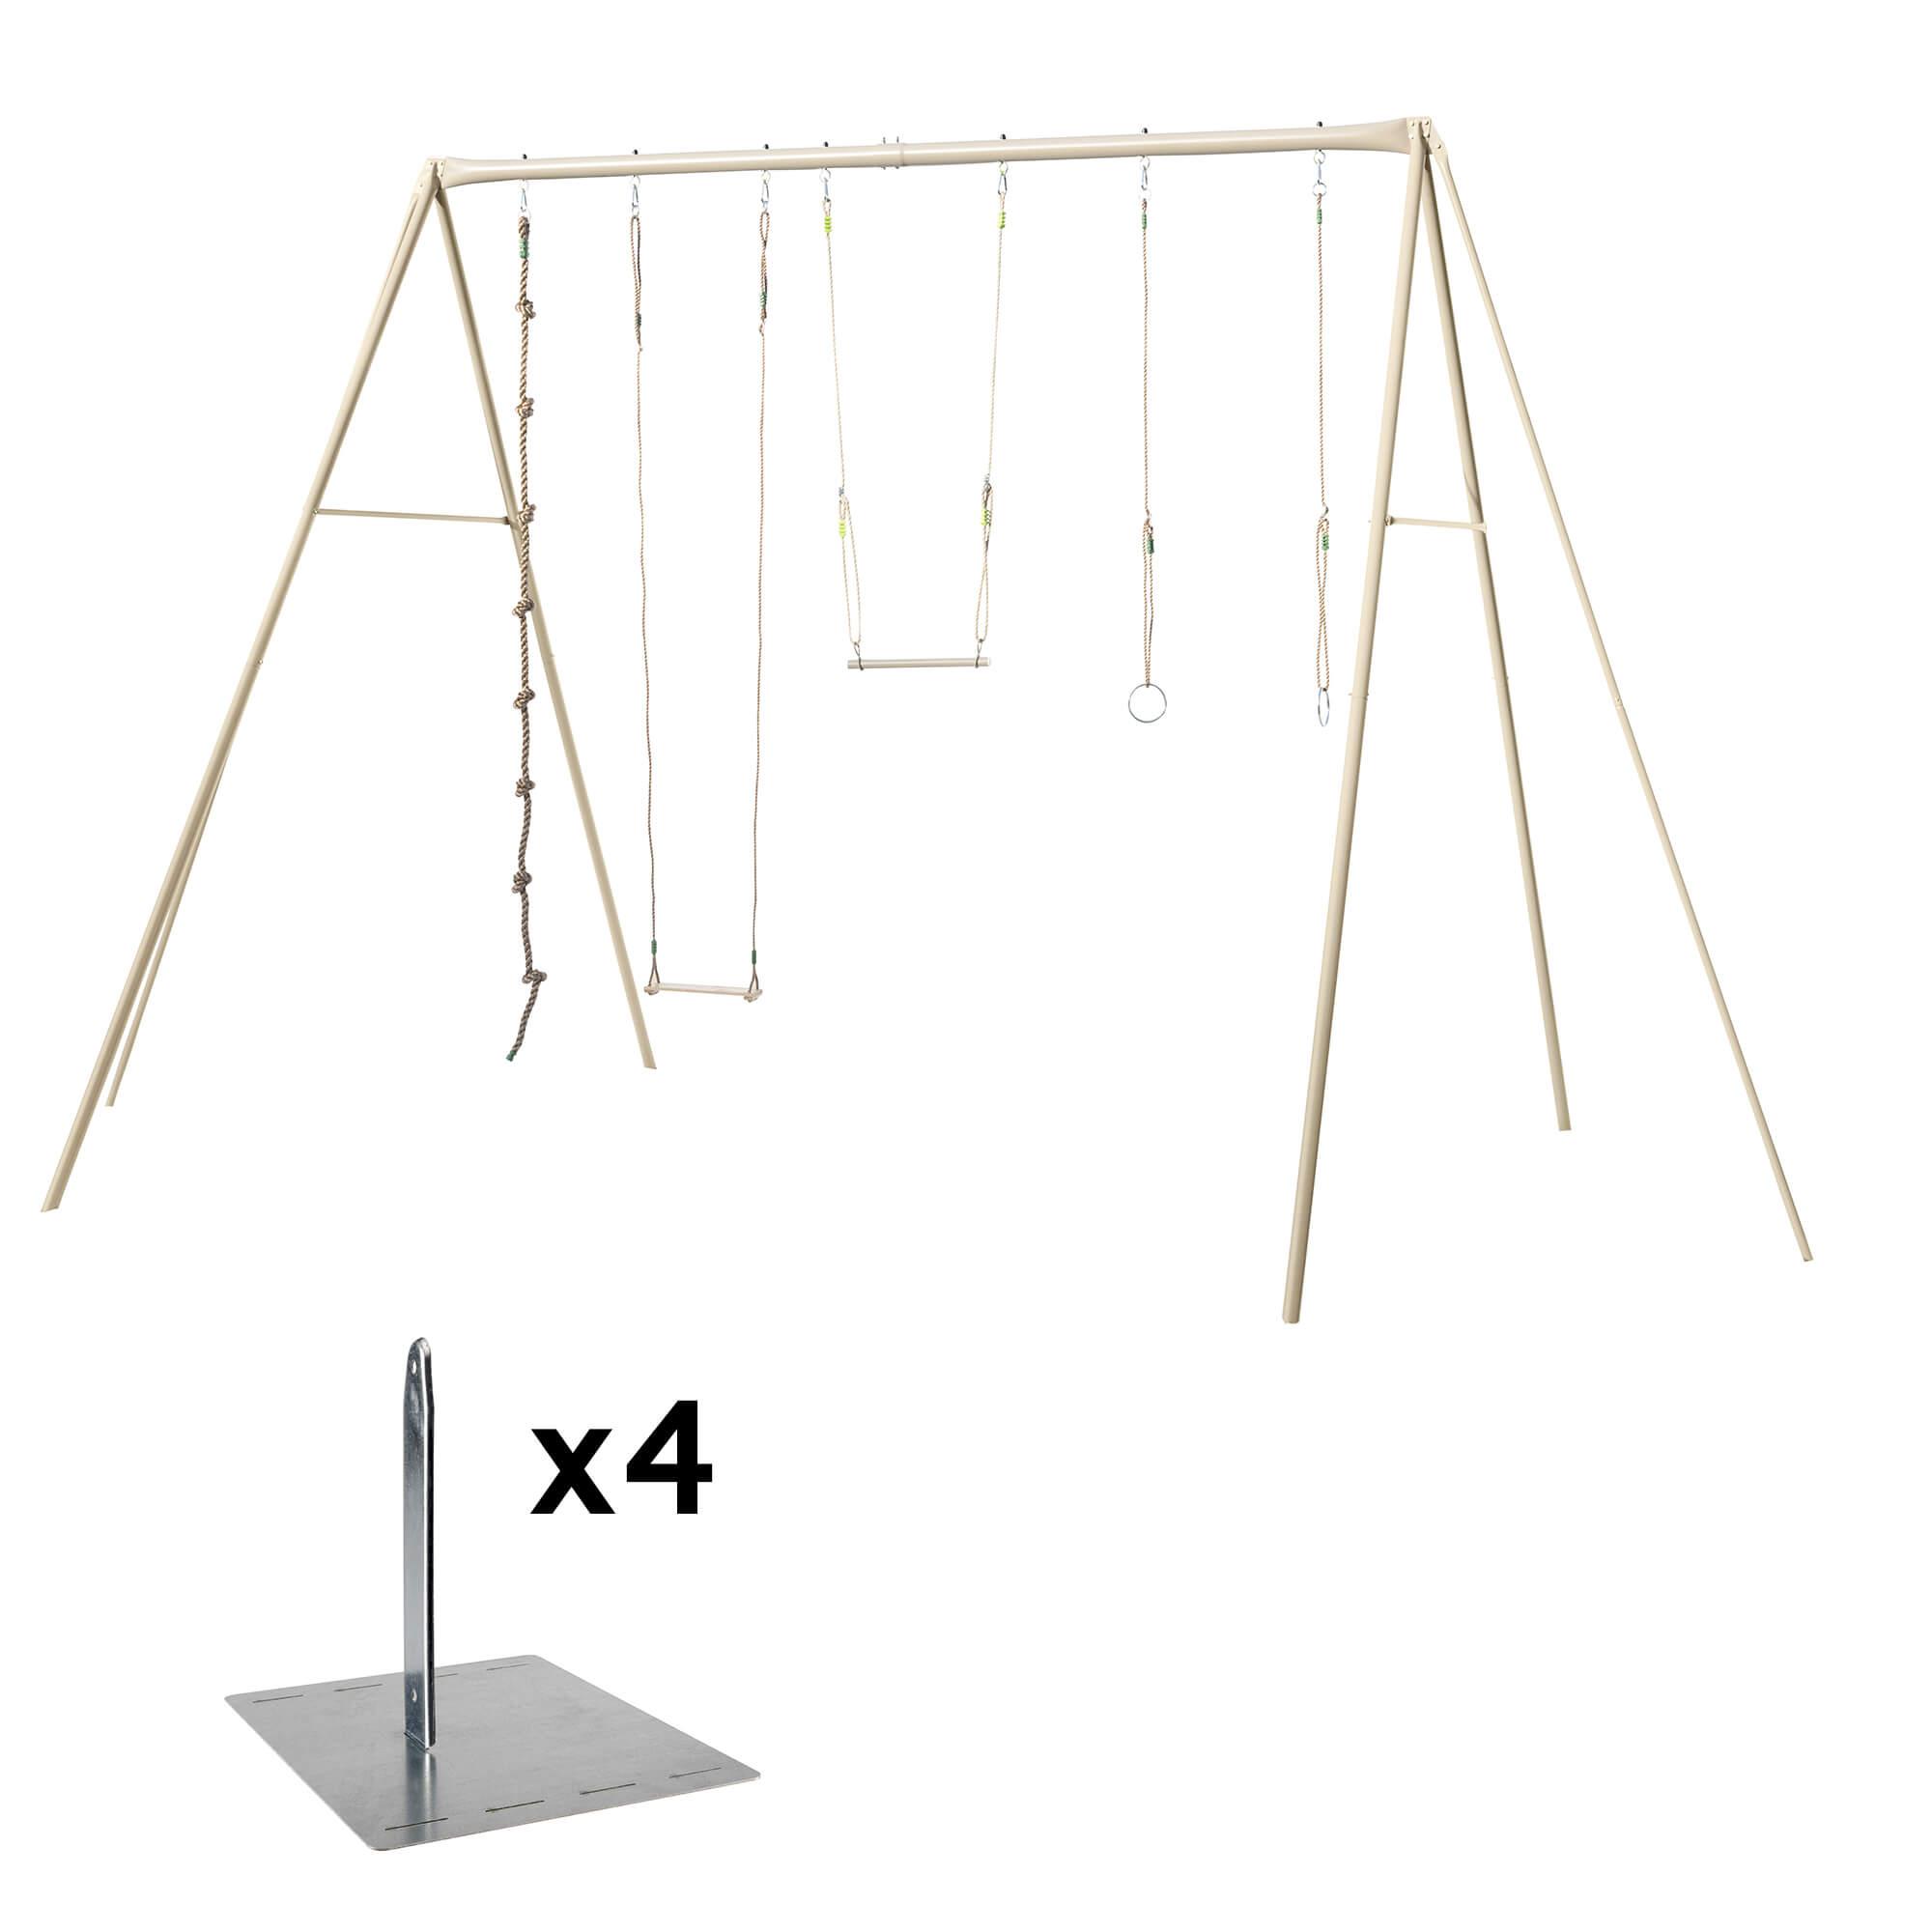 Balançoire En Métal 4 Agrès Ado/adultes - Modèle Baxter - Balançoire + Kit  De Scellement (4 Piquets En Métal De Fixation) dedans Balancoire Metal